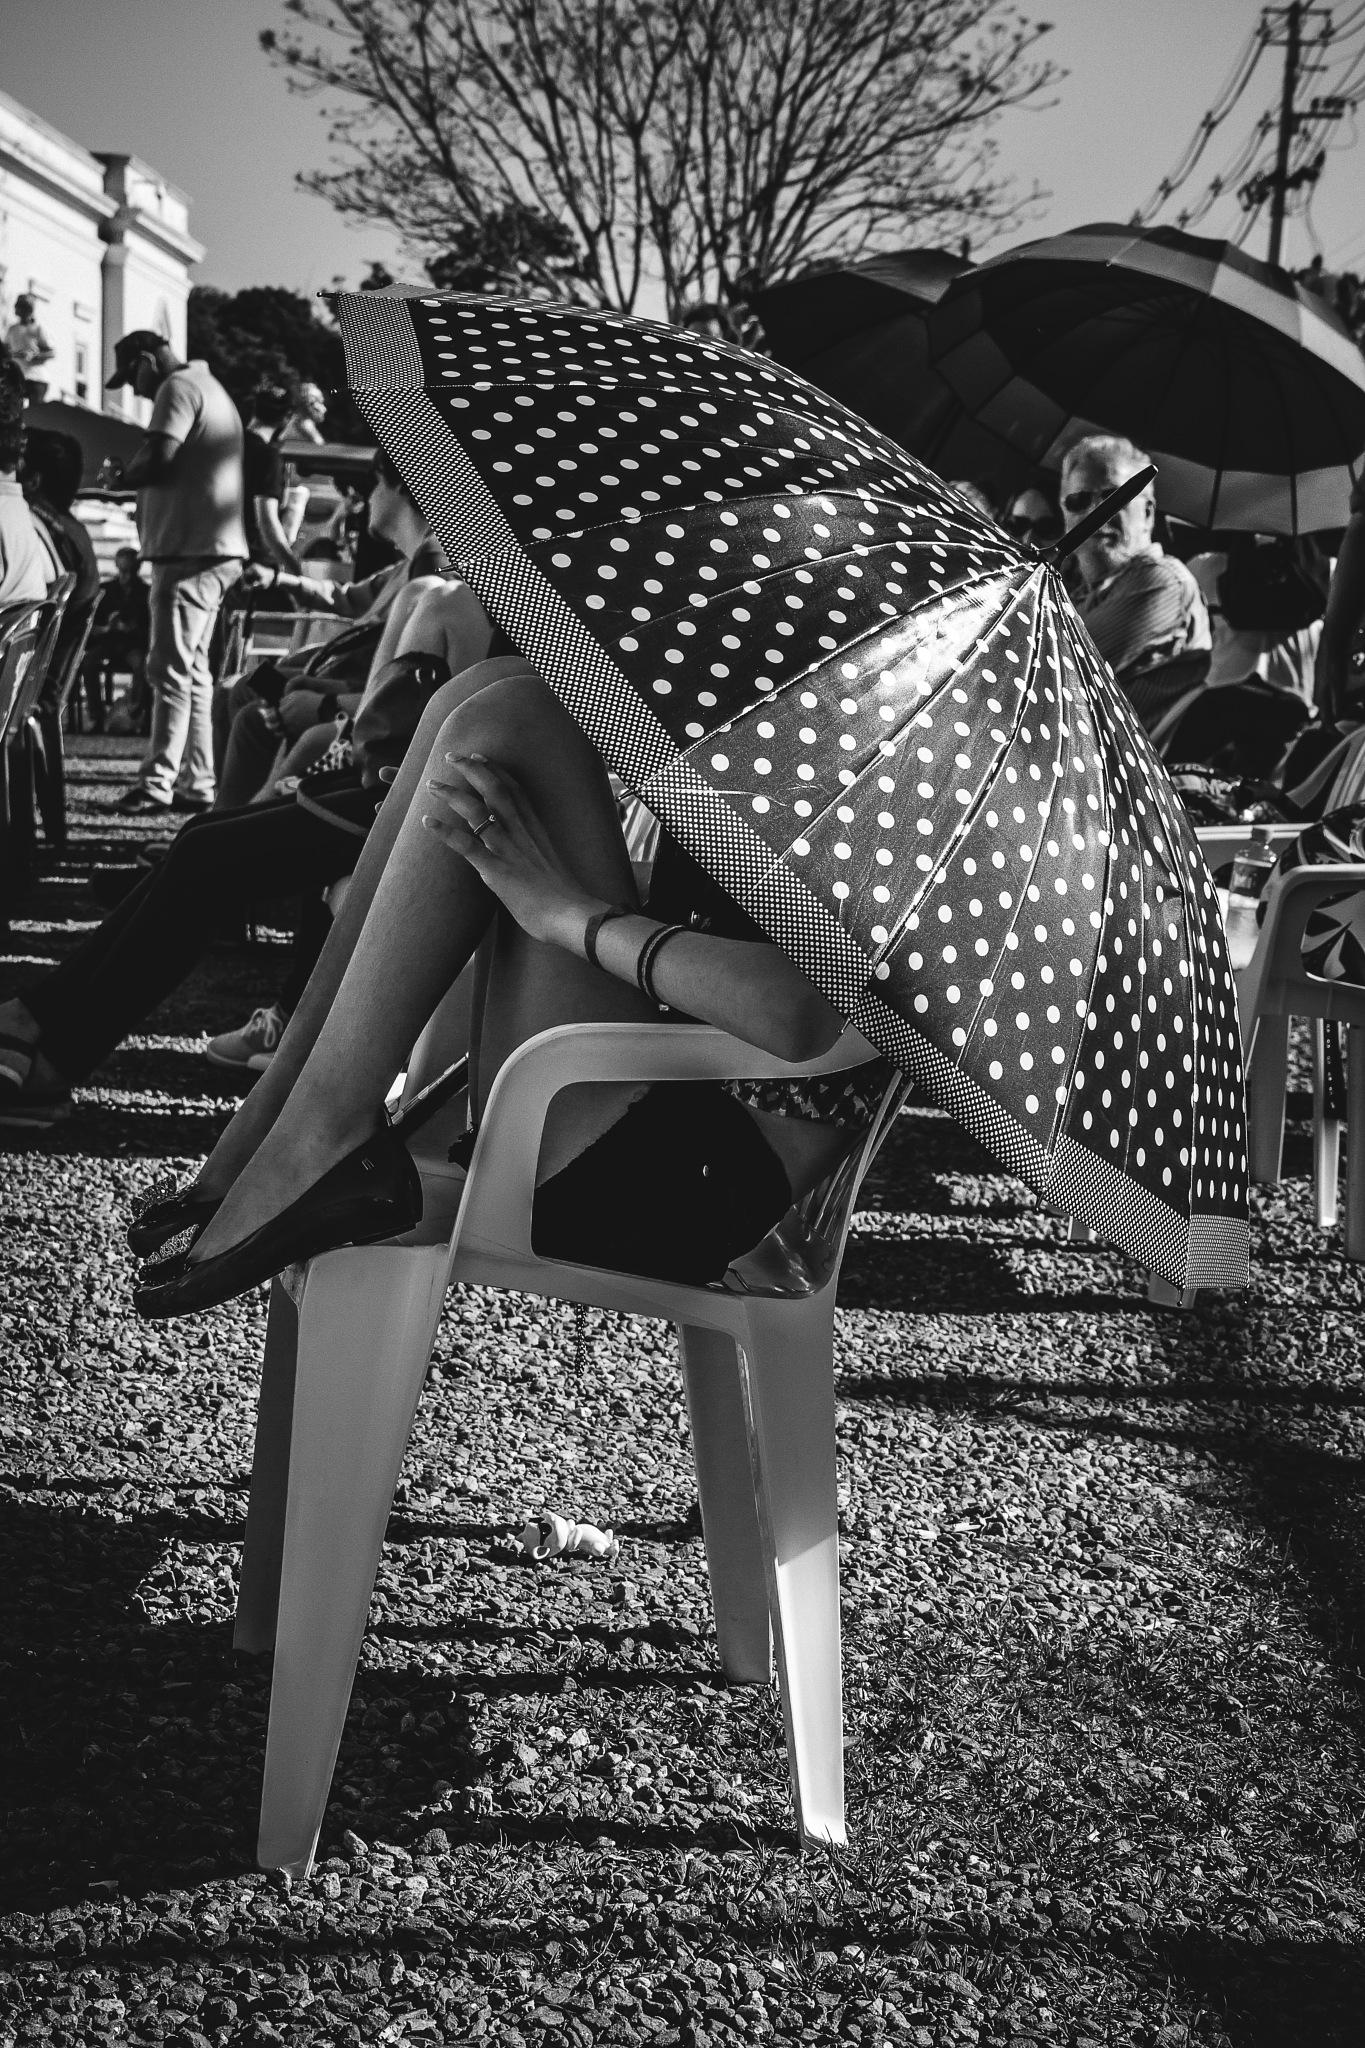 Tarde de Sol by Pedro Antônio Heinrich